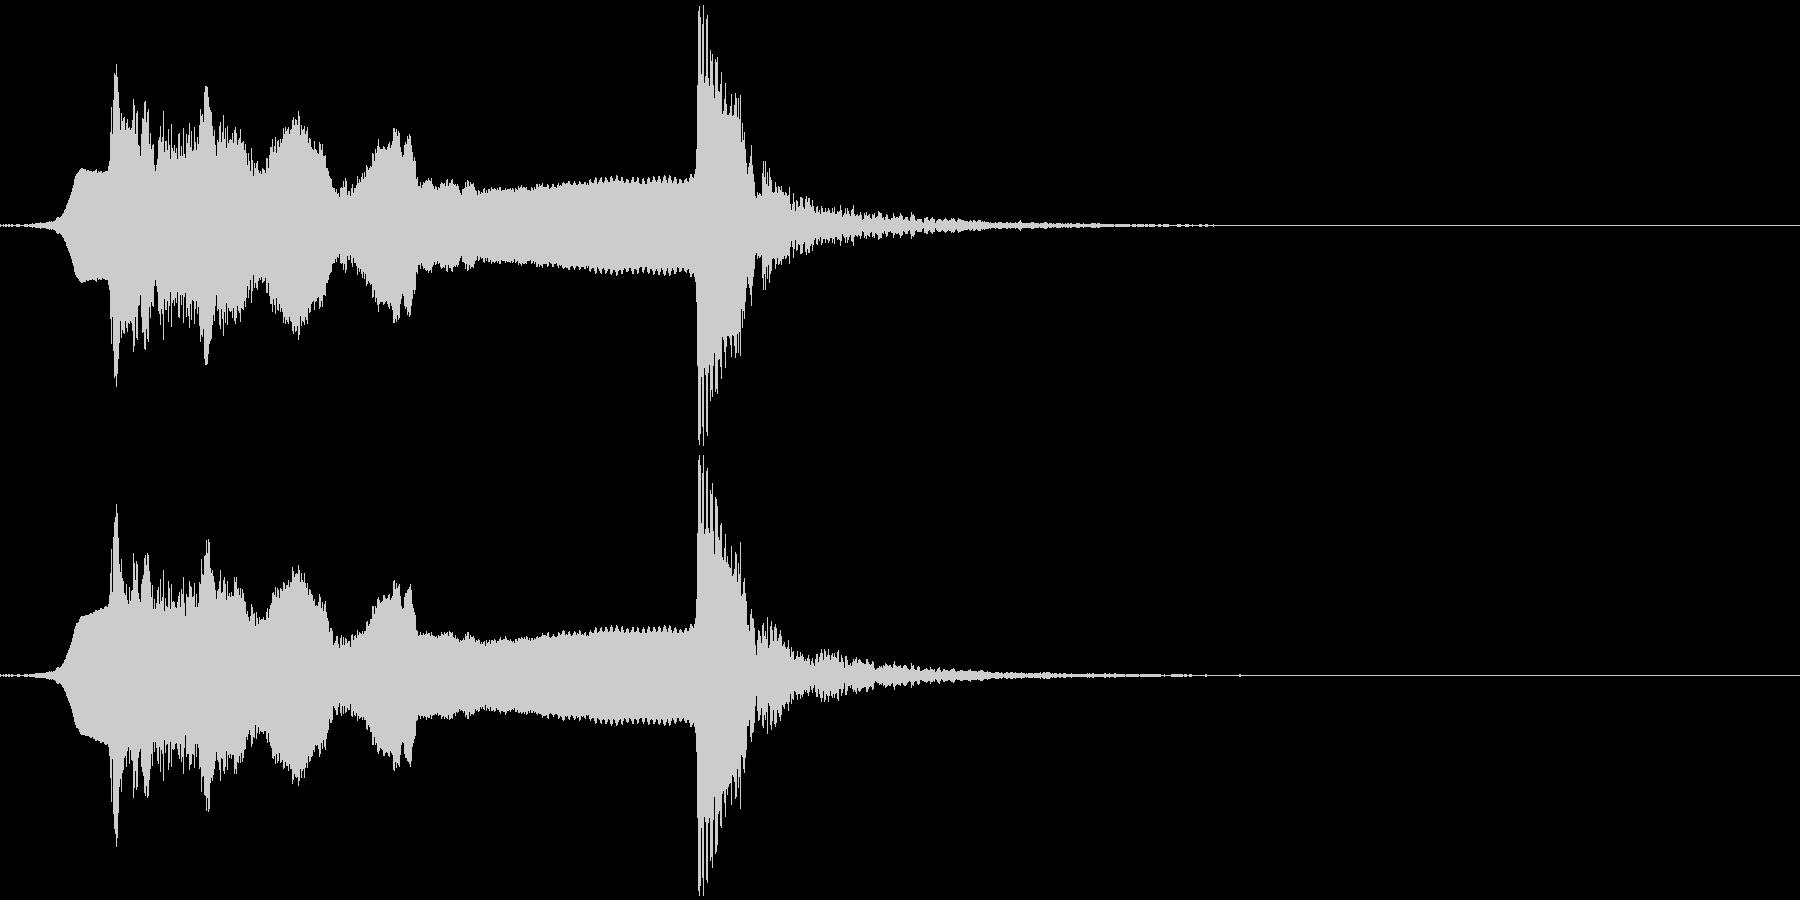 サウンドロゴ笛(能管)と太鼓ですの未再生の波形